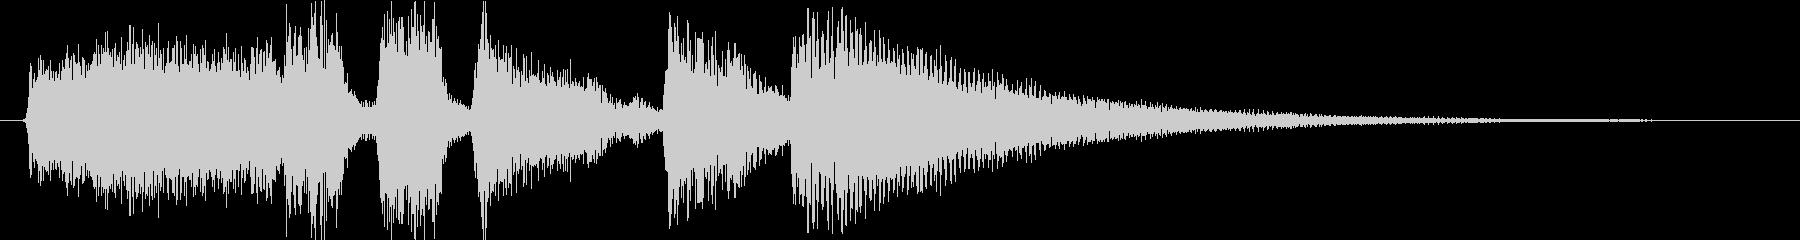 ロゴ ジングル アコギ さわやかの未再生の波形